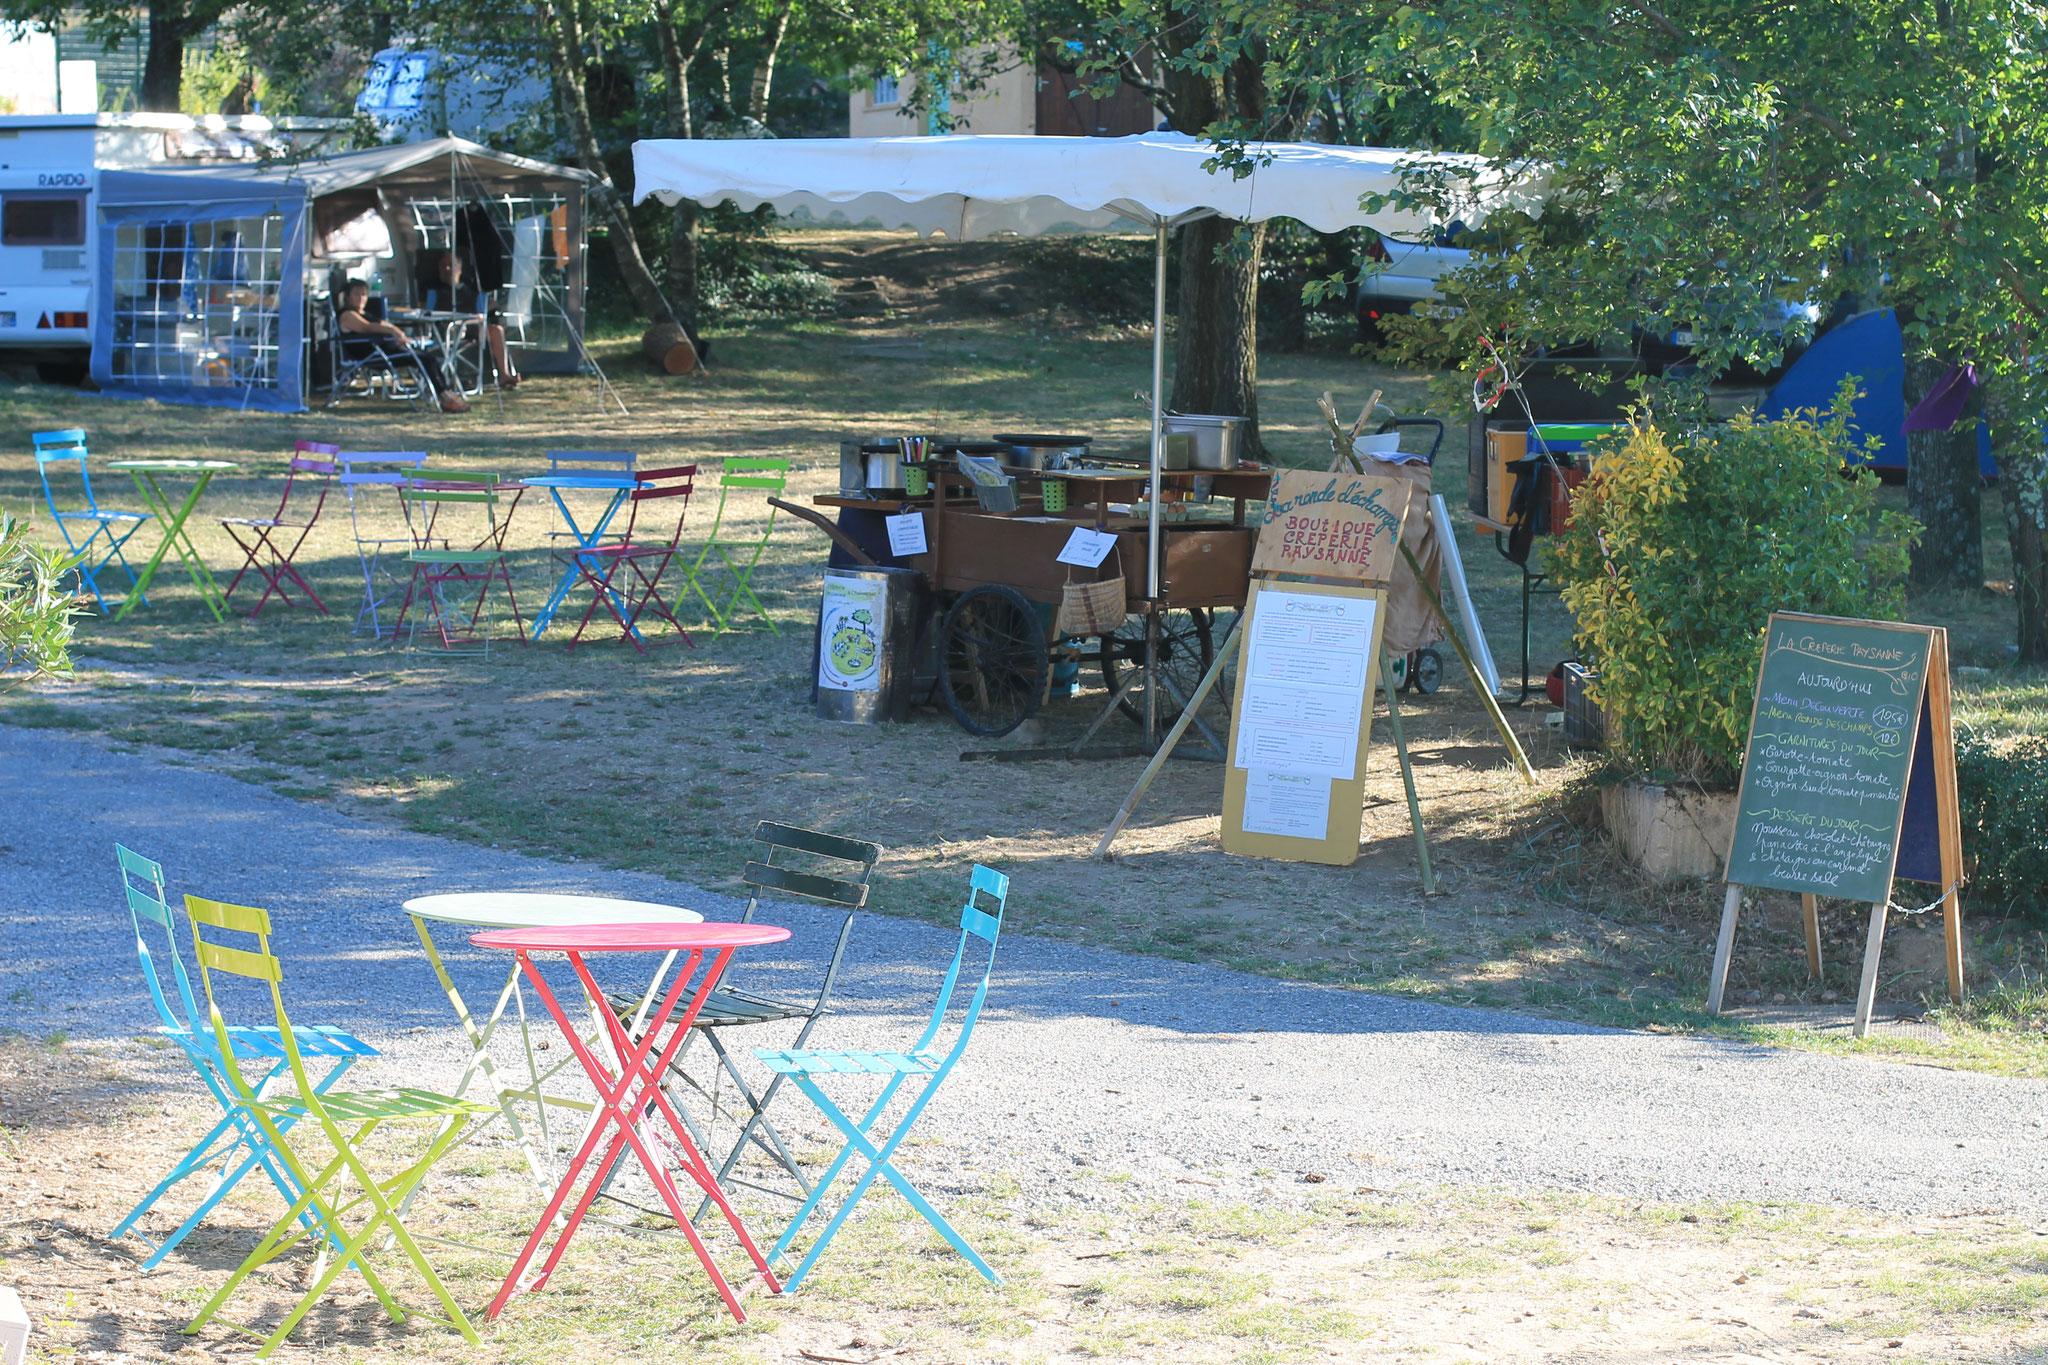 La crêperie s'installe au camping de St Michel-de-Chabrillanoux